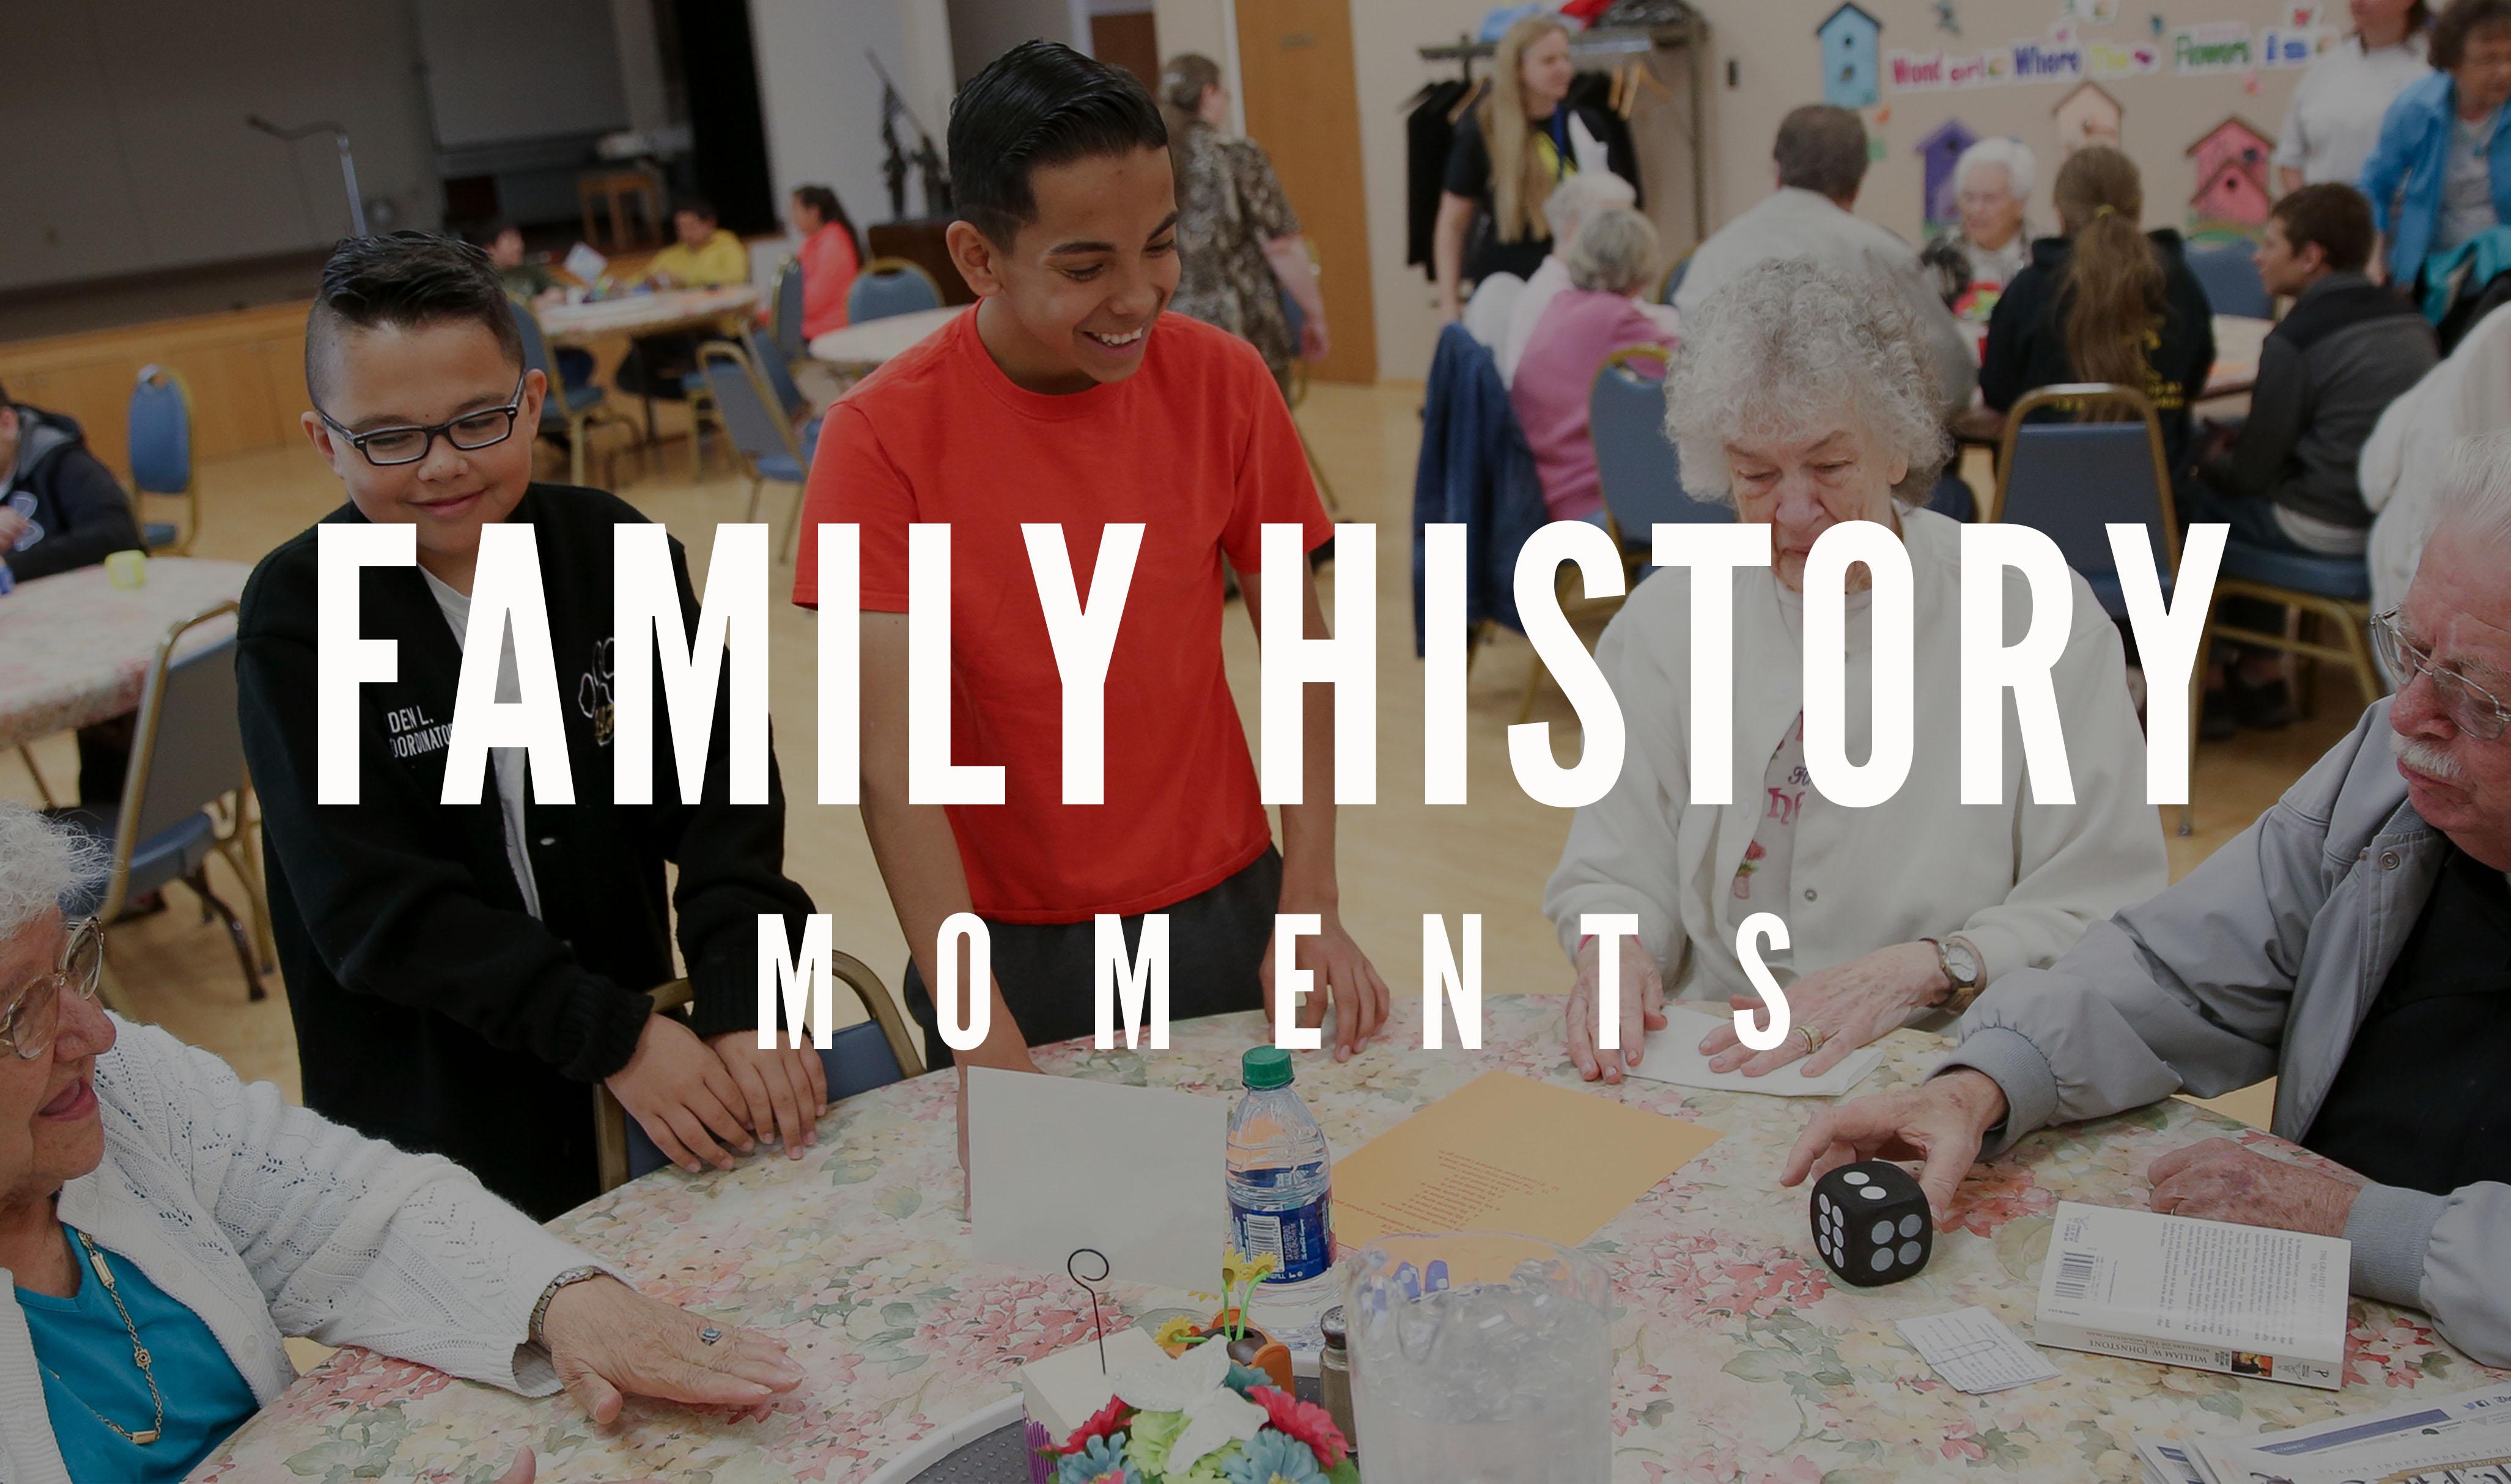 Family History Moment